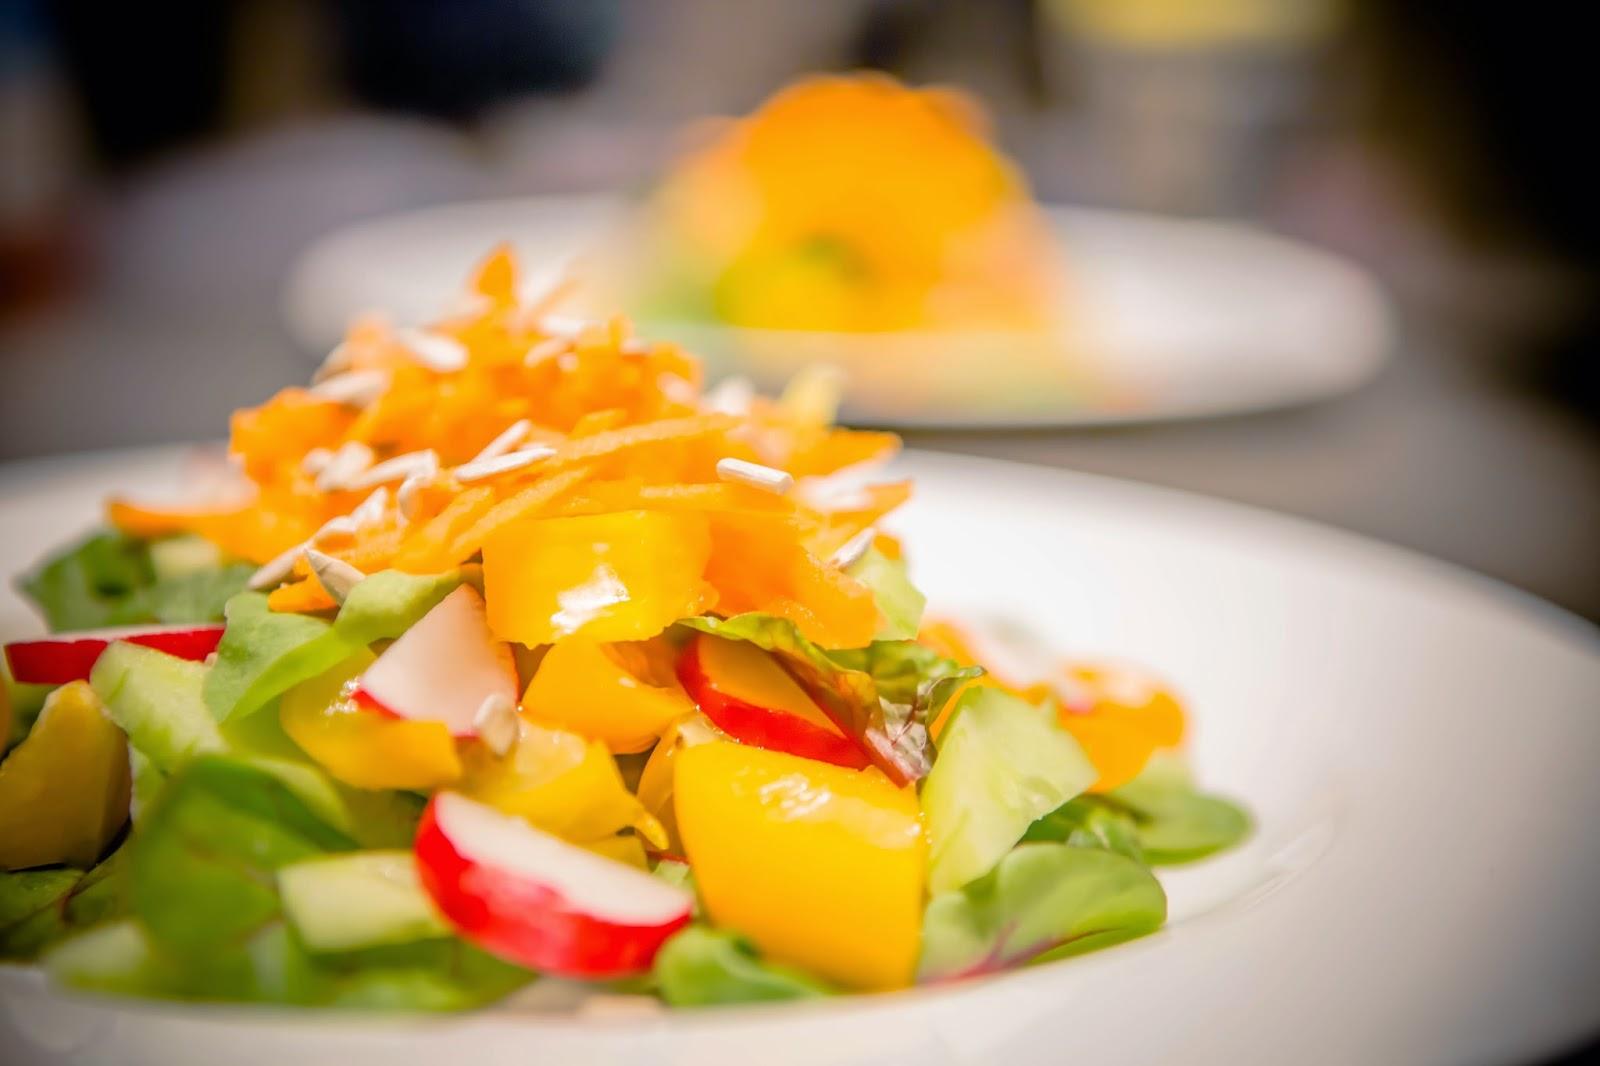 Mangoldsalat anrichtet auf weißem Teller